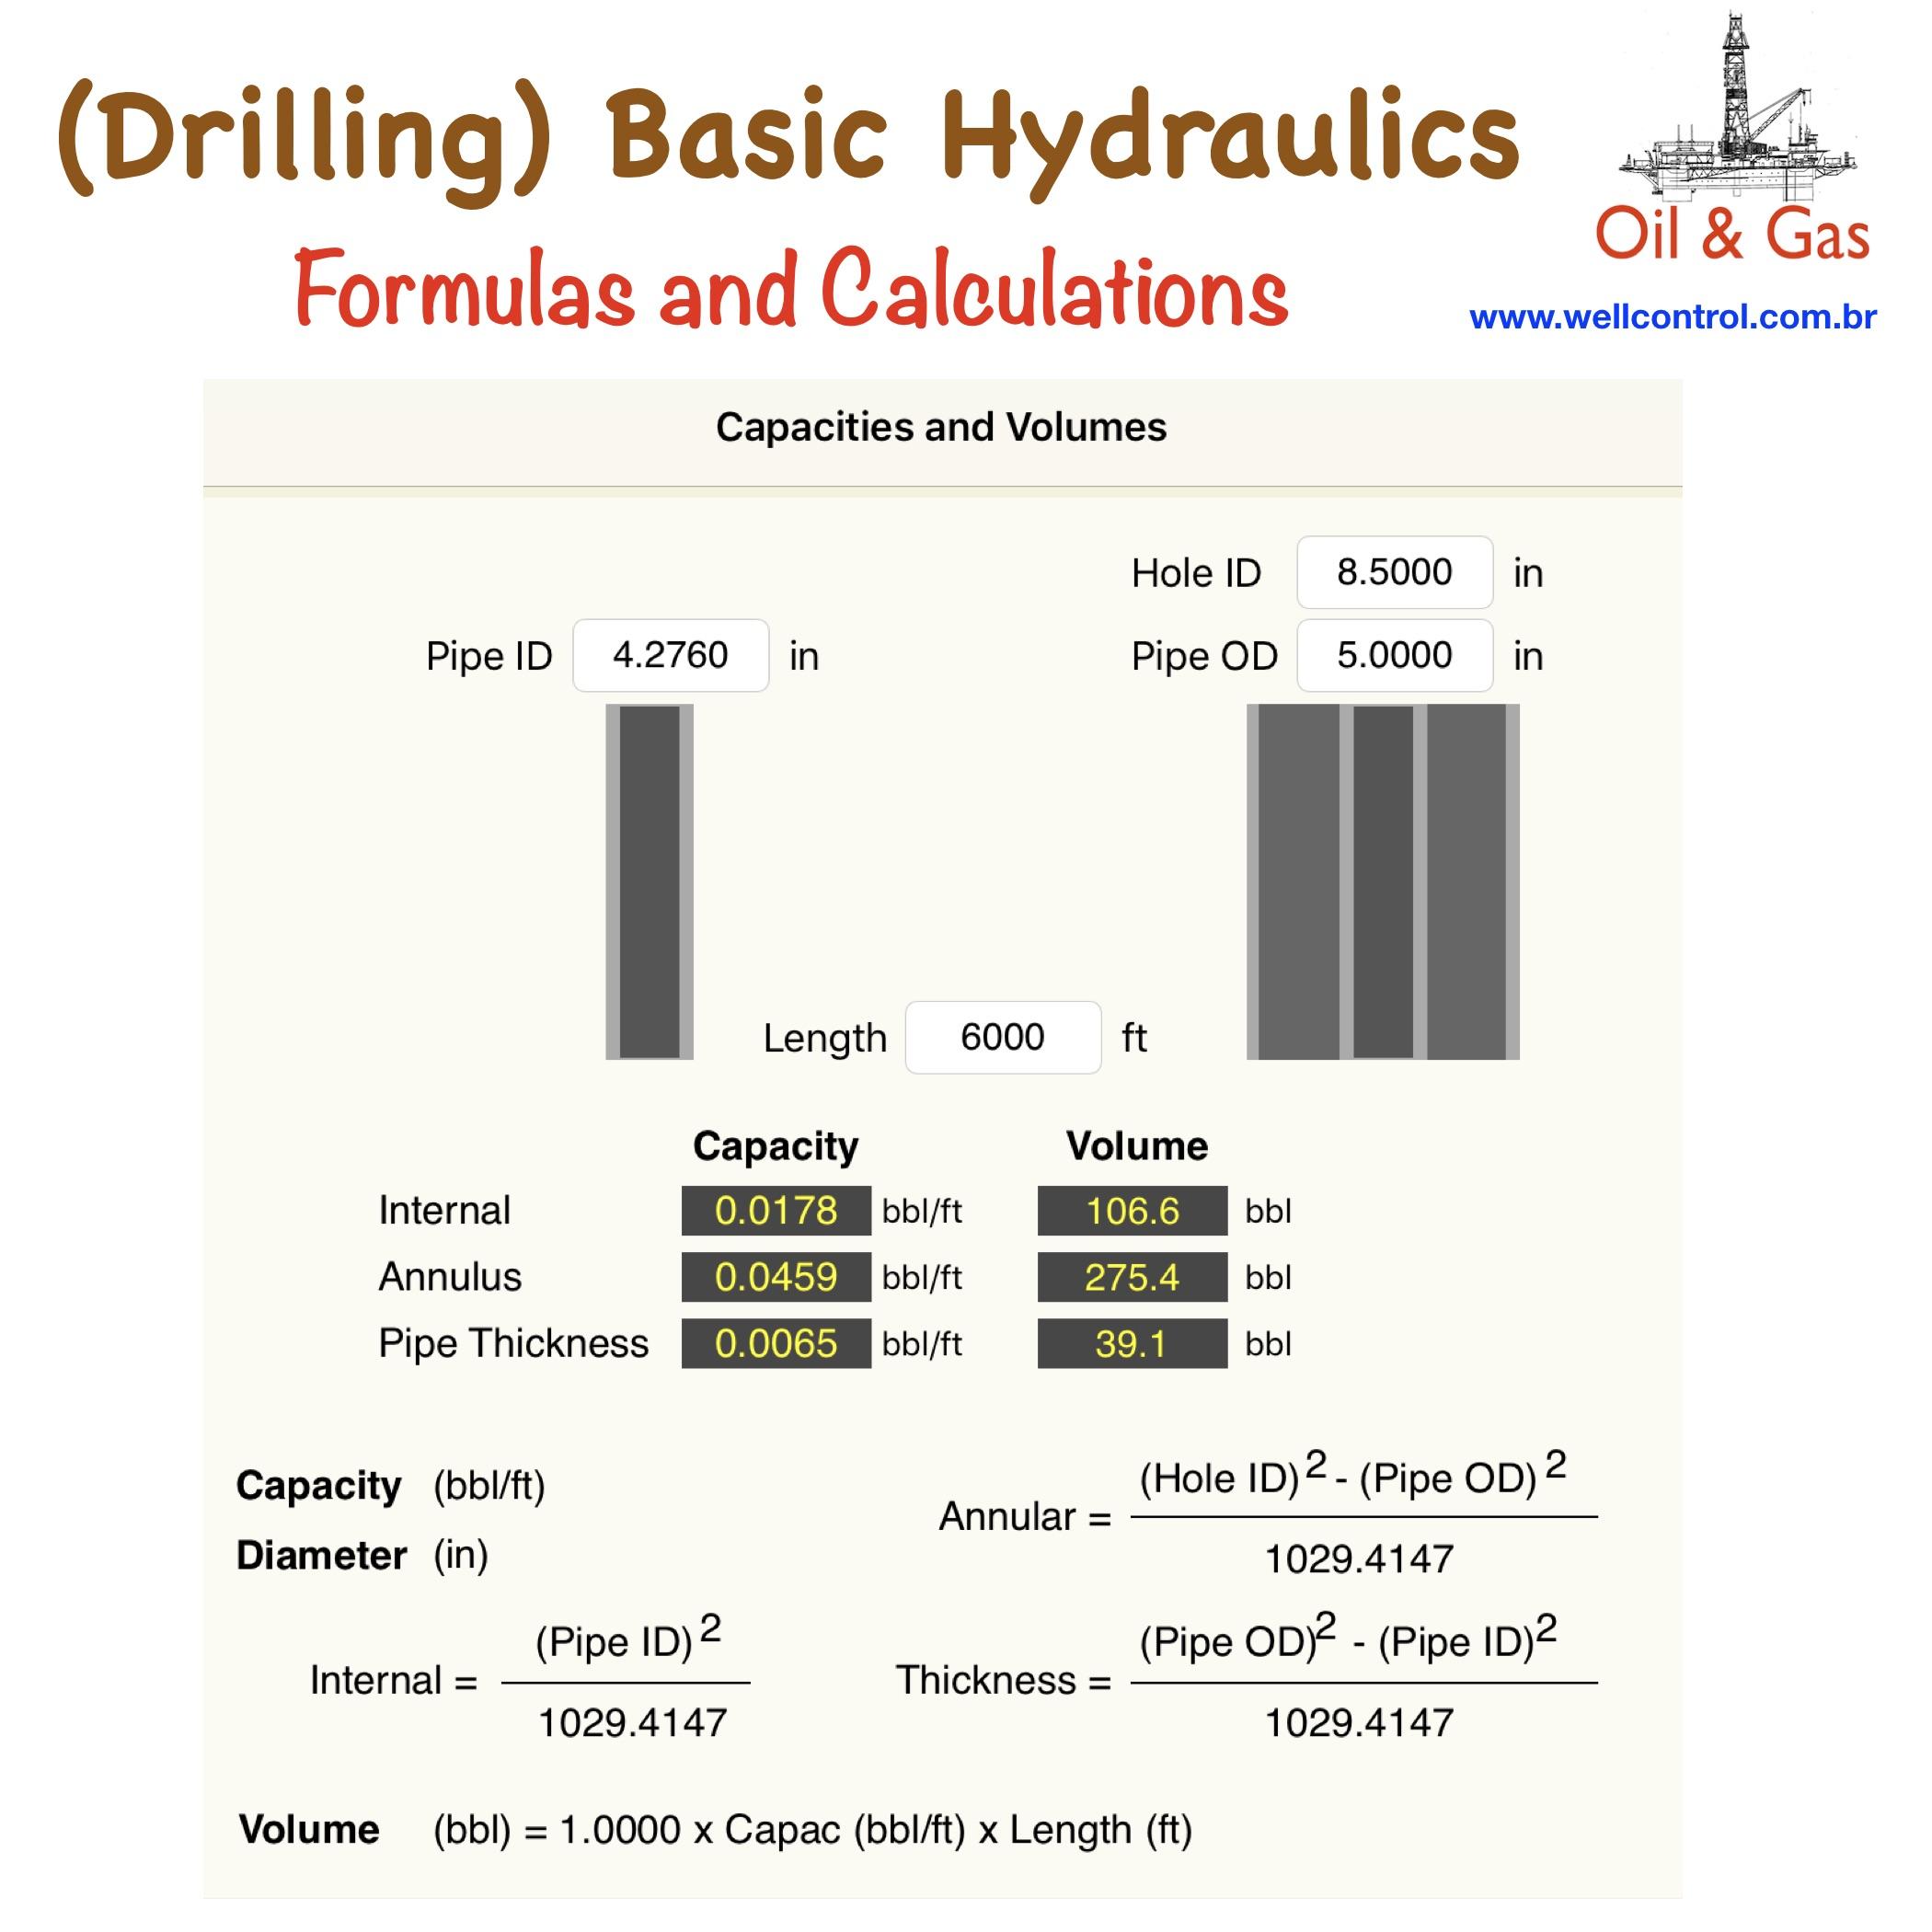 hydraulics_21_02